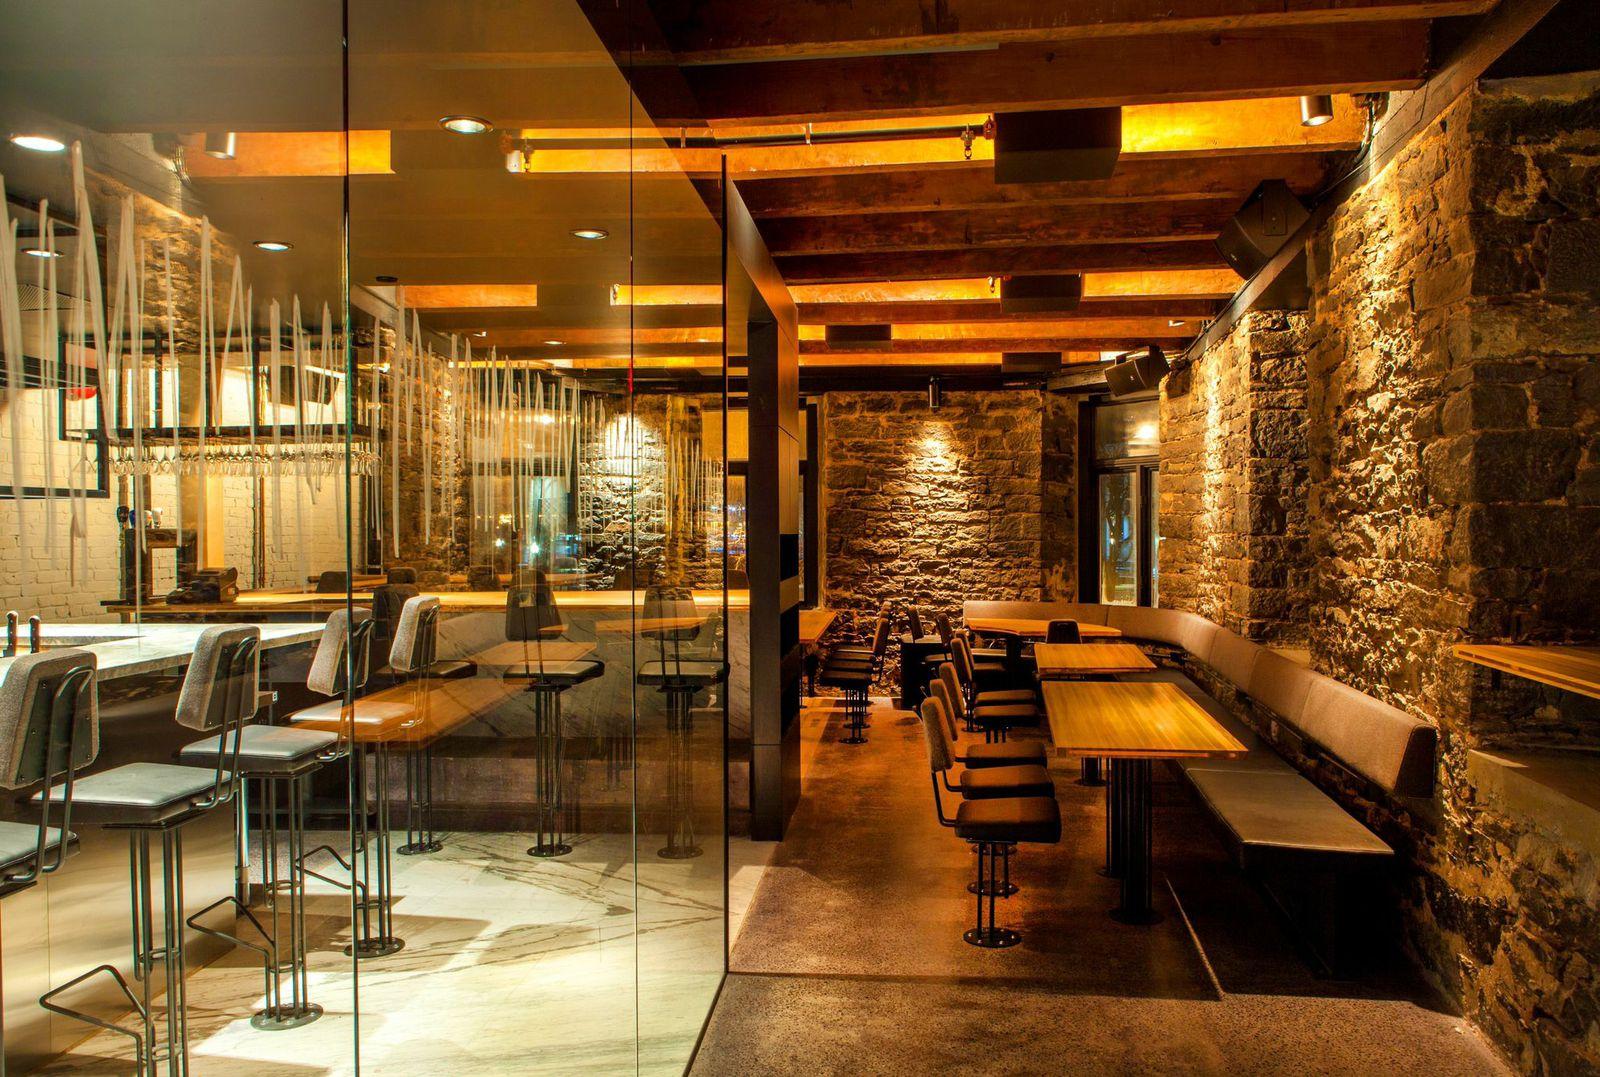 Le restaurant mimi la nuit dans le vieux montr al est for Articles cuisine montreal